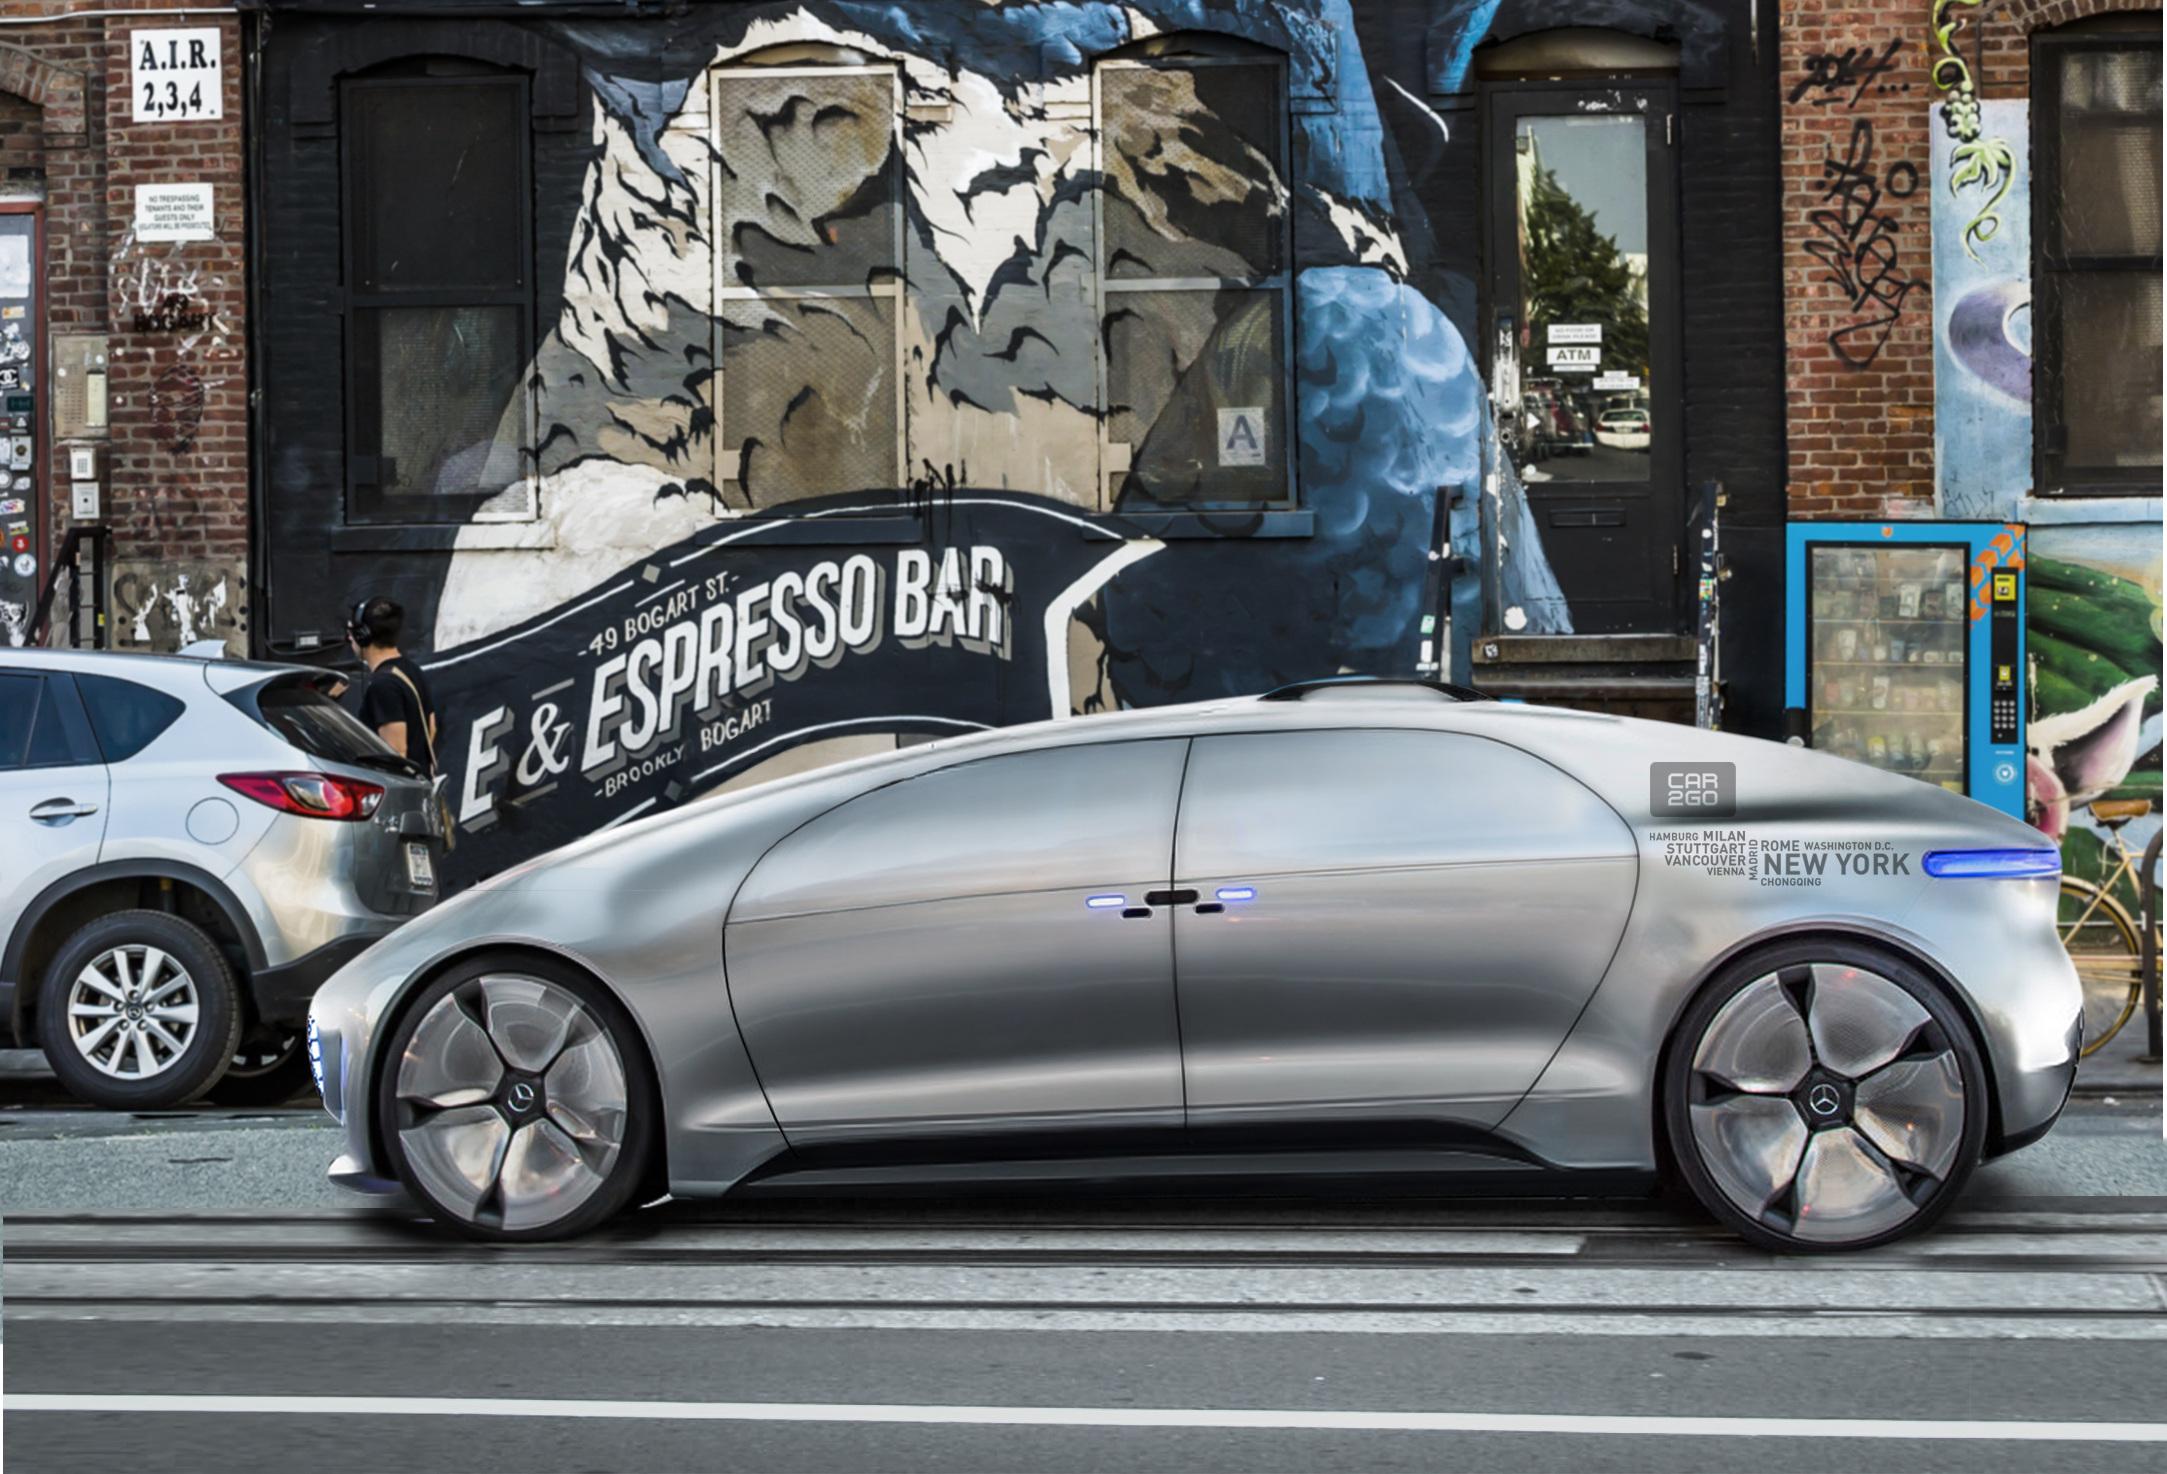 L'autopartage de demain, autonome, électrique et toujours plus connectée